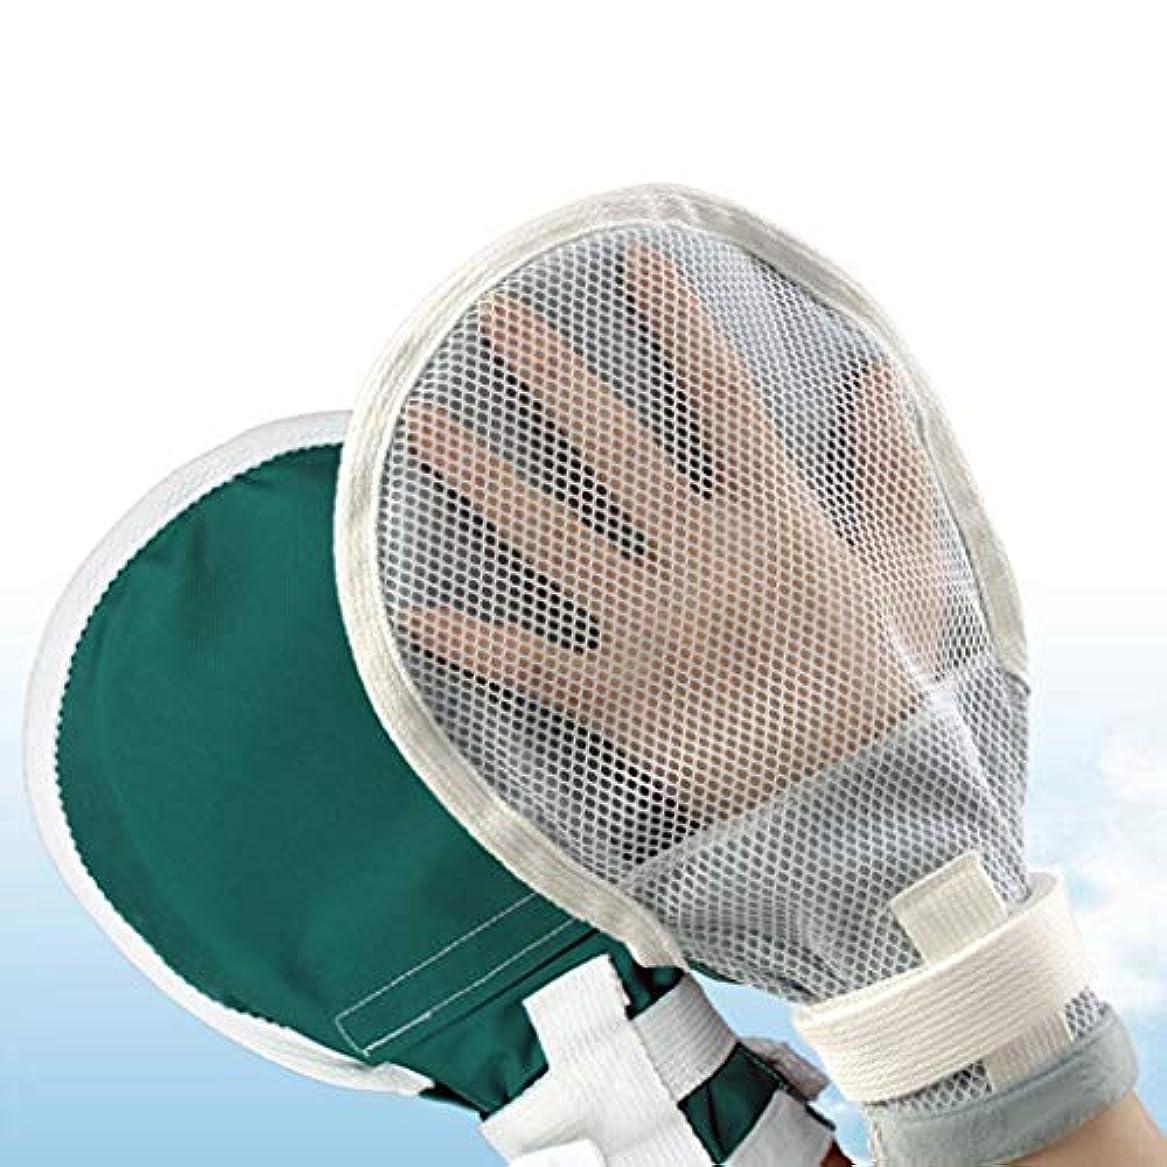 エスカレート日光耐えられない医療用拘束手袋 - 患者の手の感染に対する保護手袋 - 高齢者認知症安全保持手袋